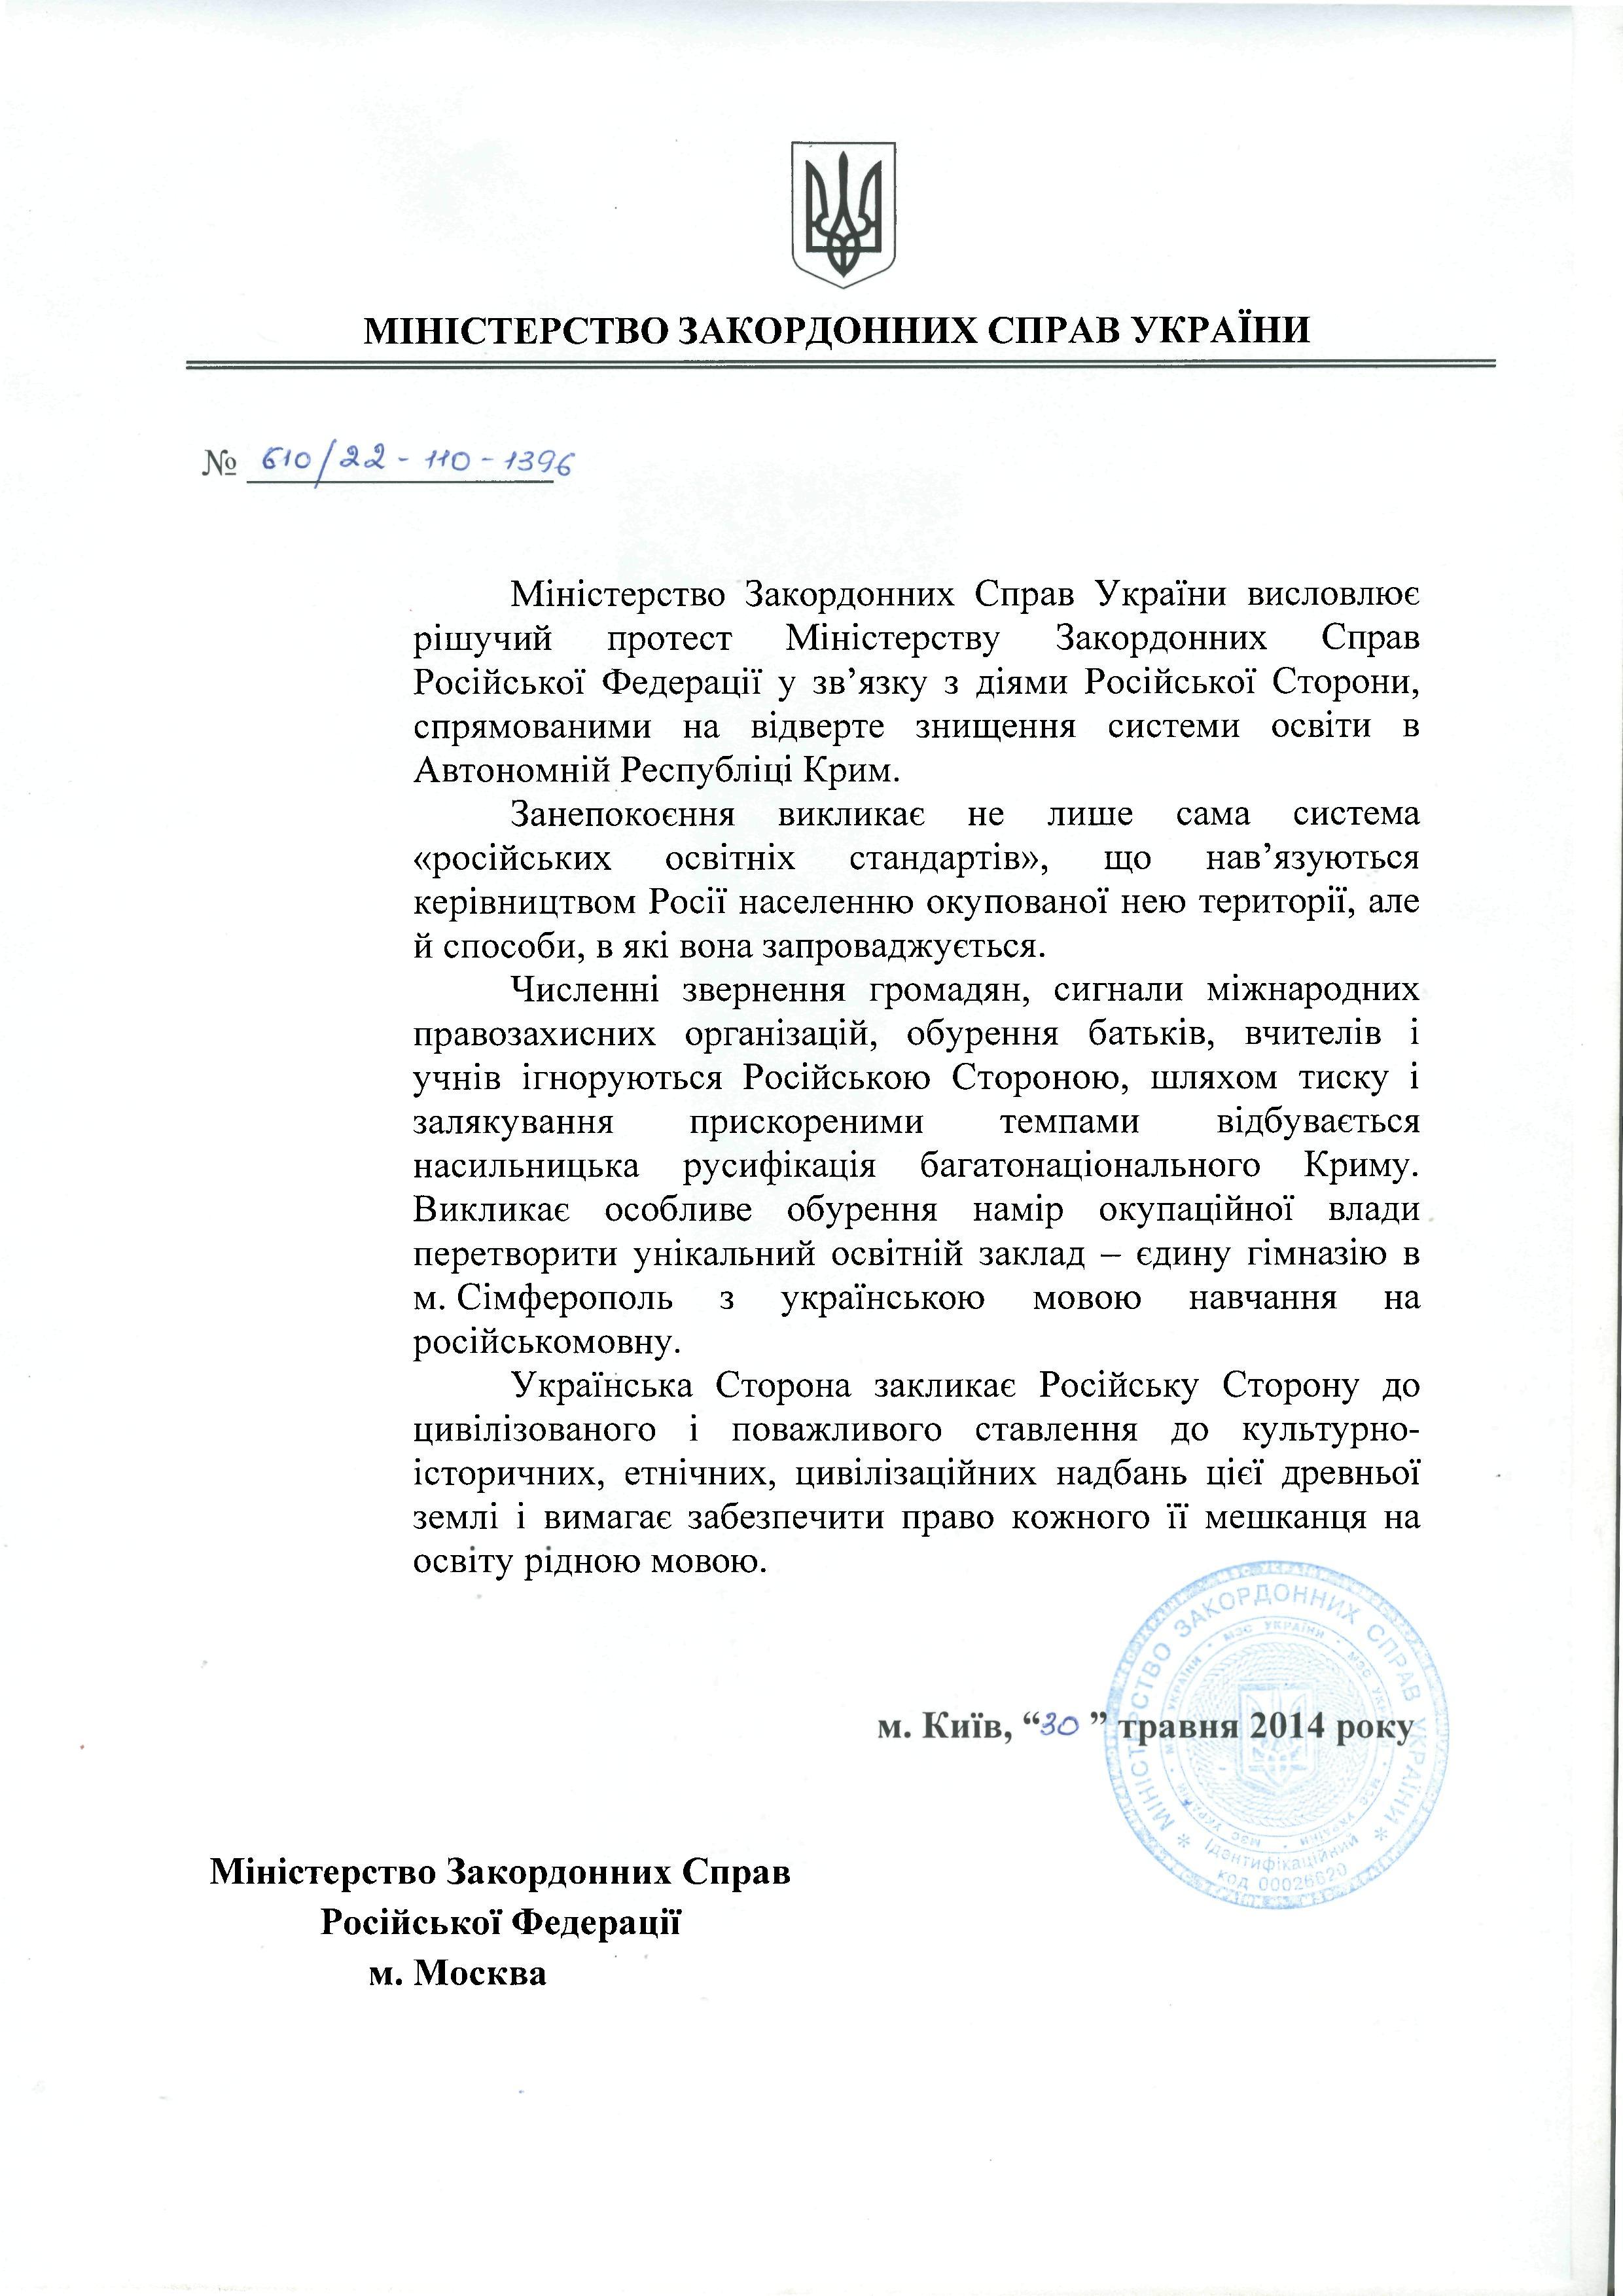 Нота протесту МЗС України проти насильницької русифікації  Криму